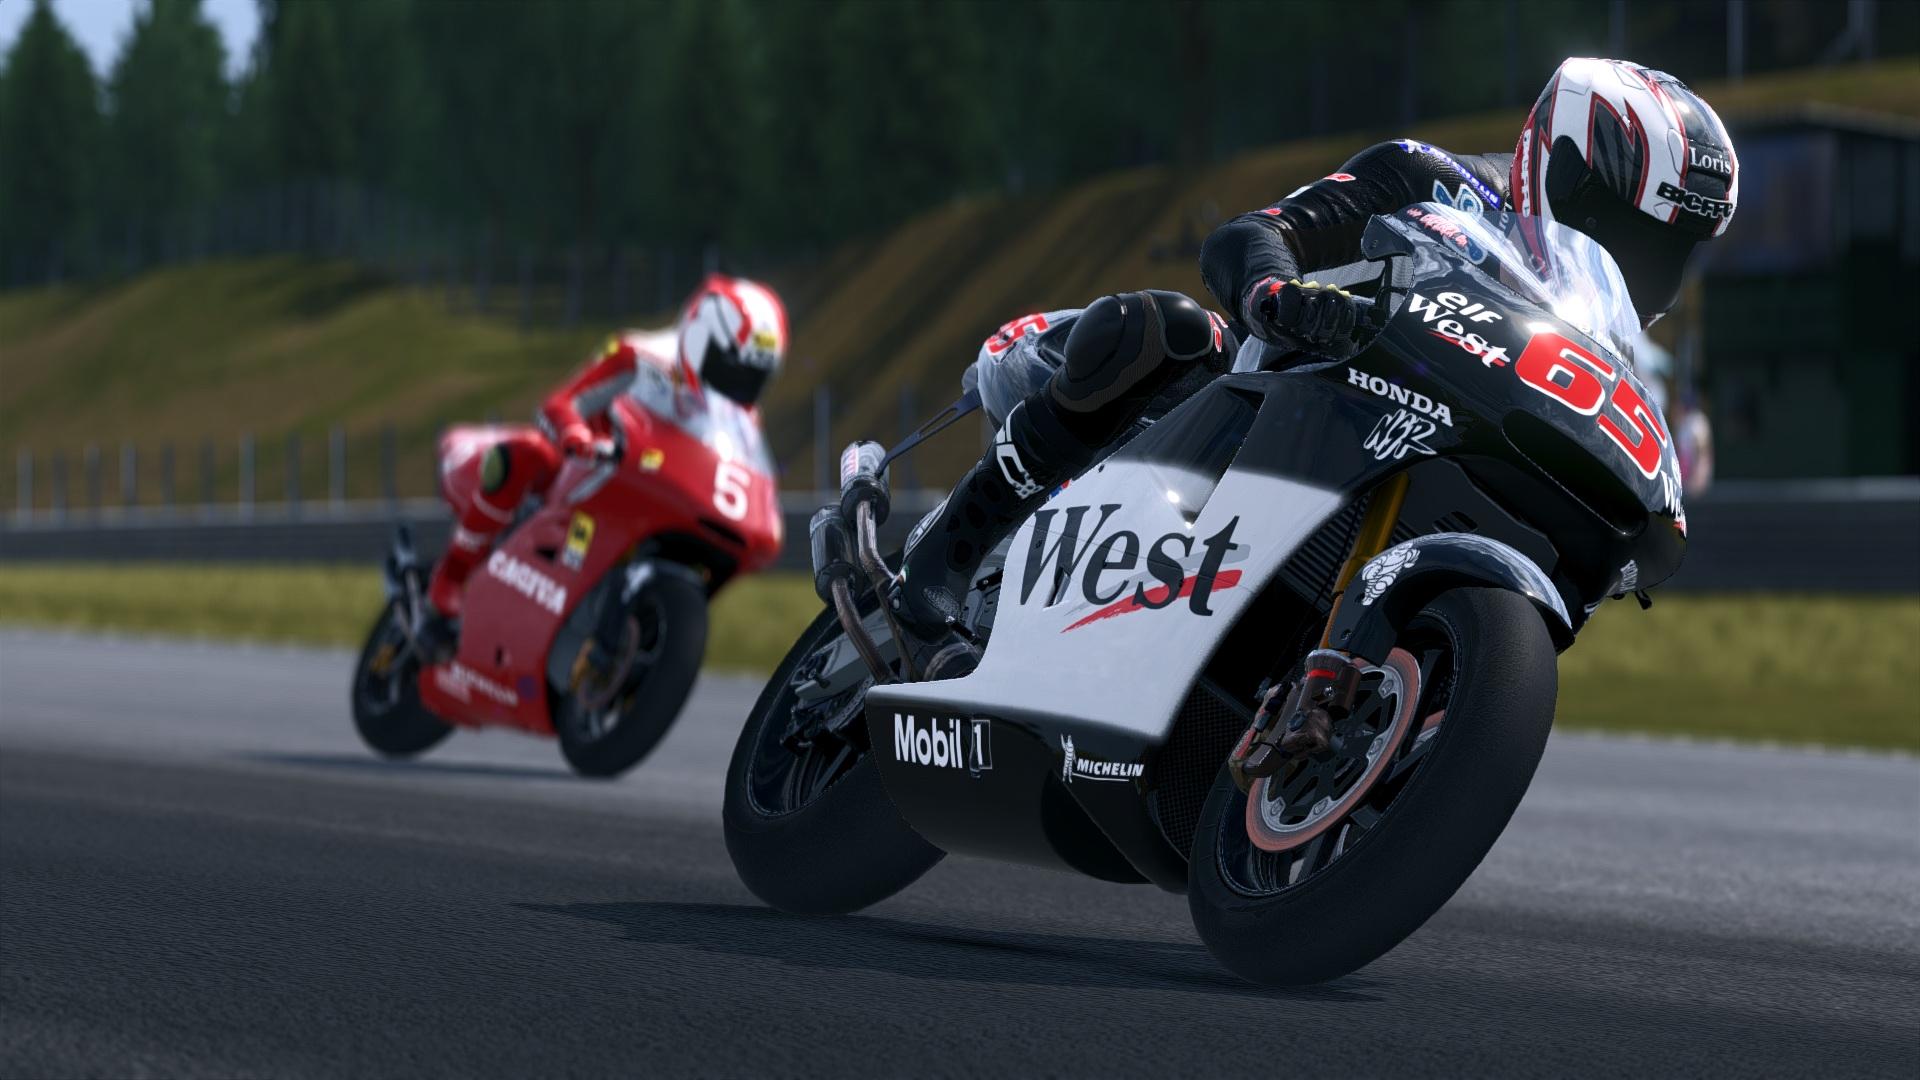 MotoGP14X64.exe_DX11_20140821_081536.jpg